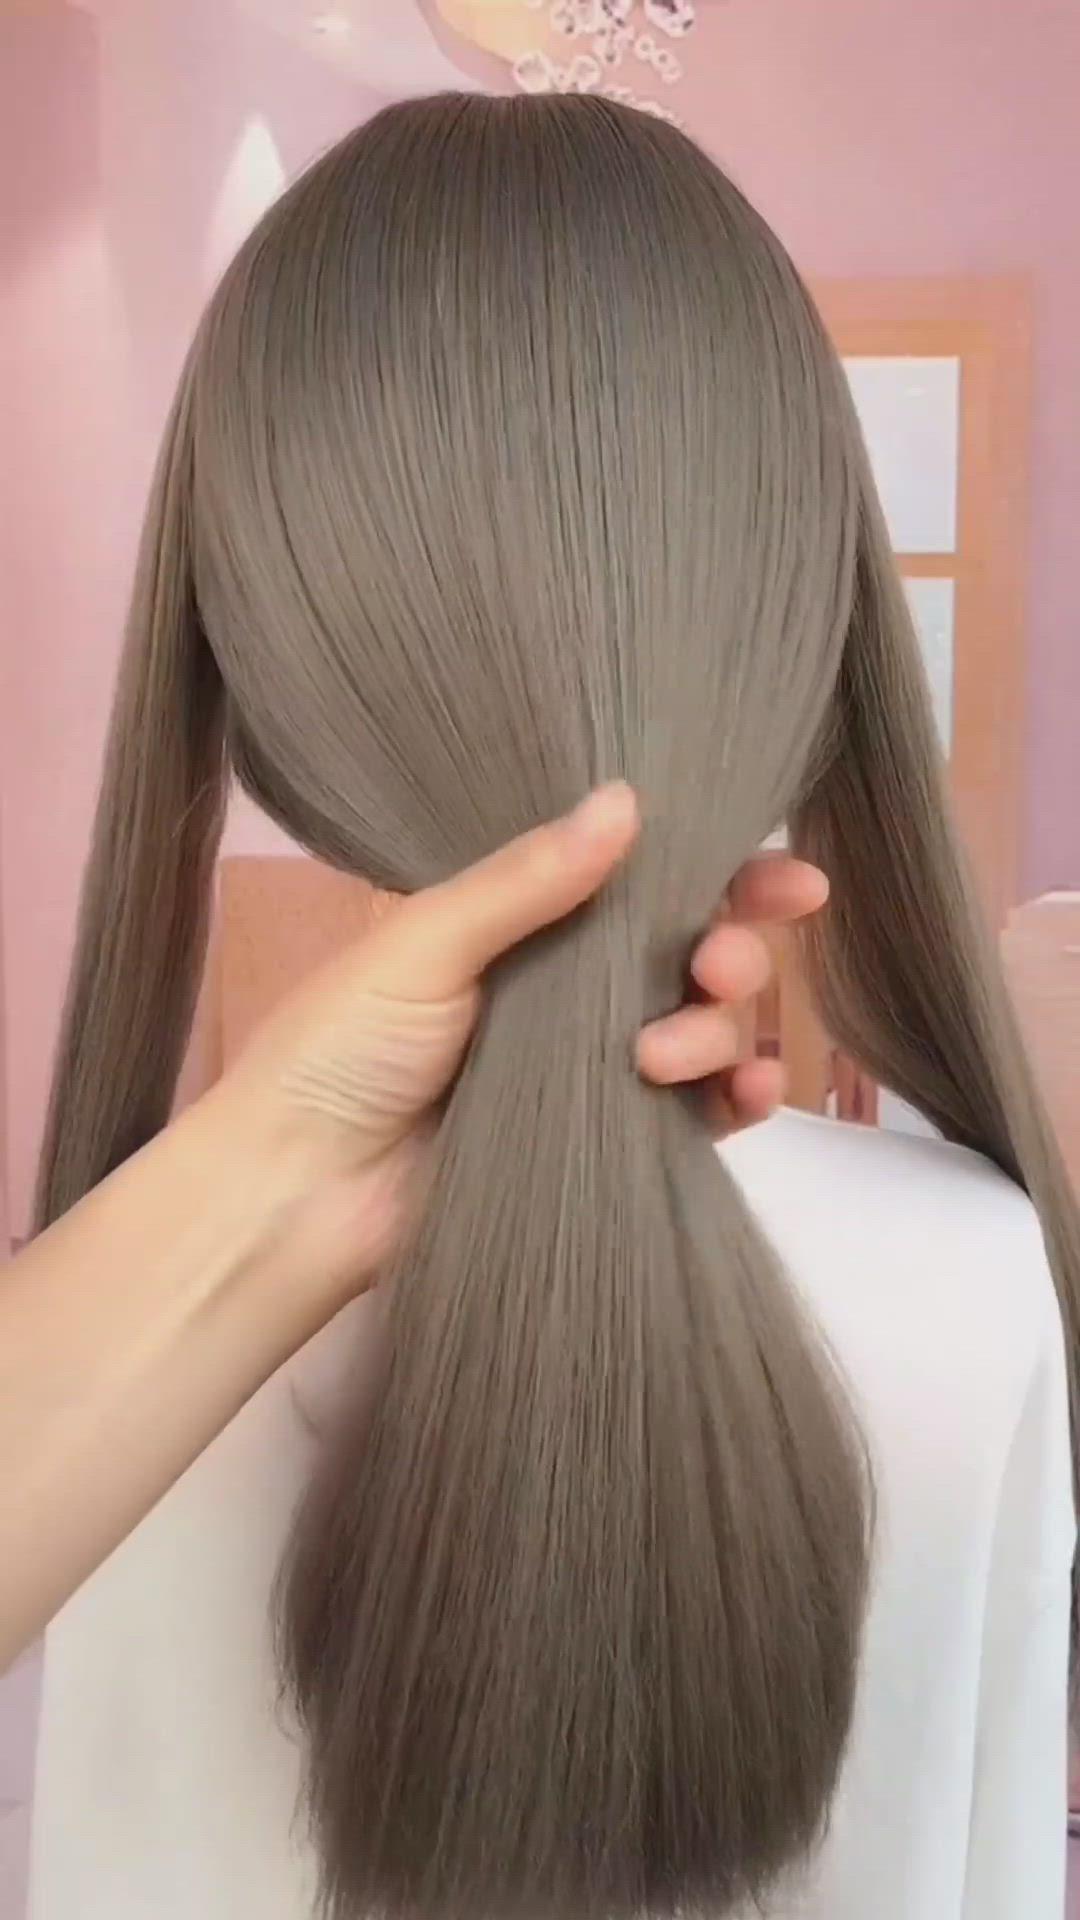 Heart Shape Hairstyle Video In 2020 Hair Styles Hair Videos Hair Braid Videos